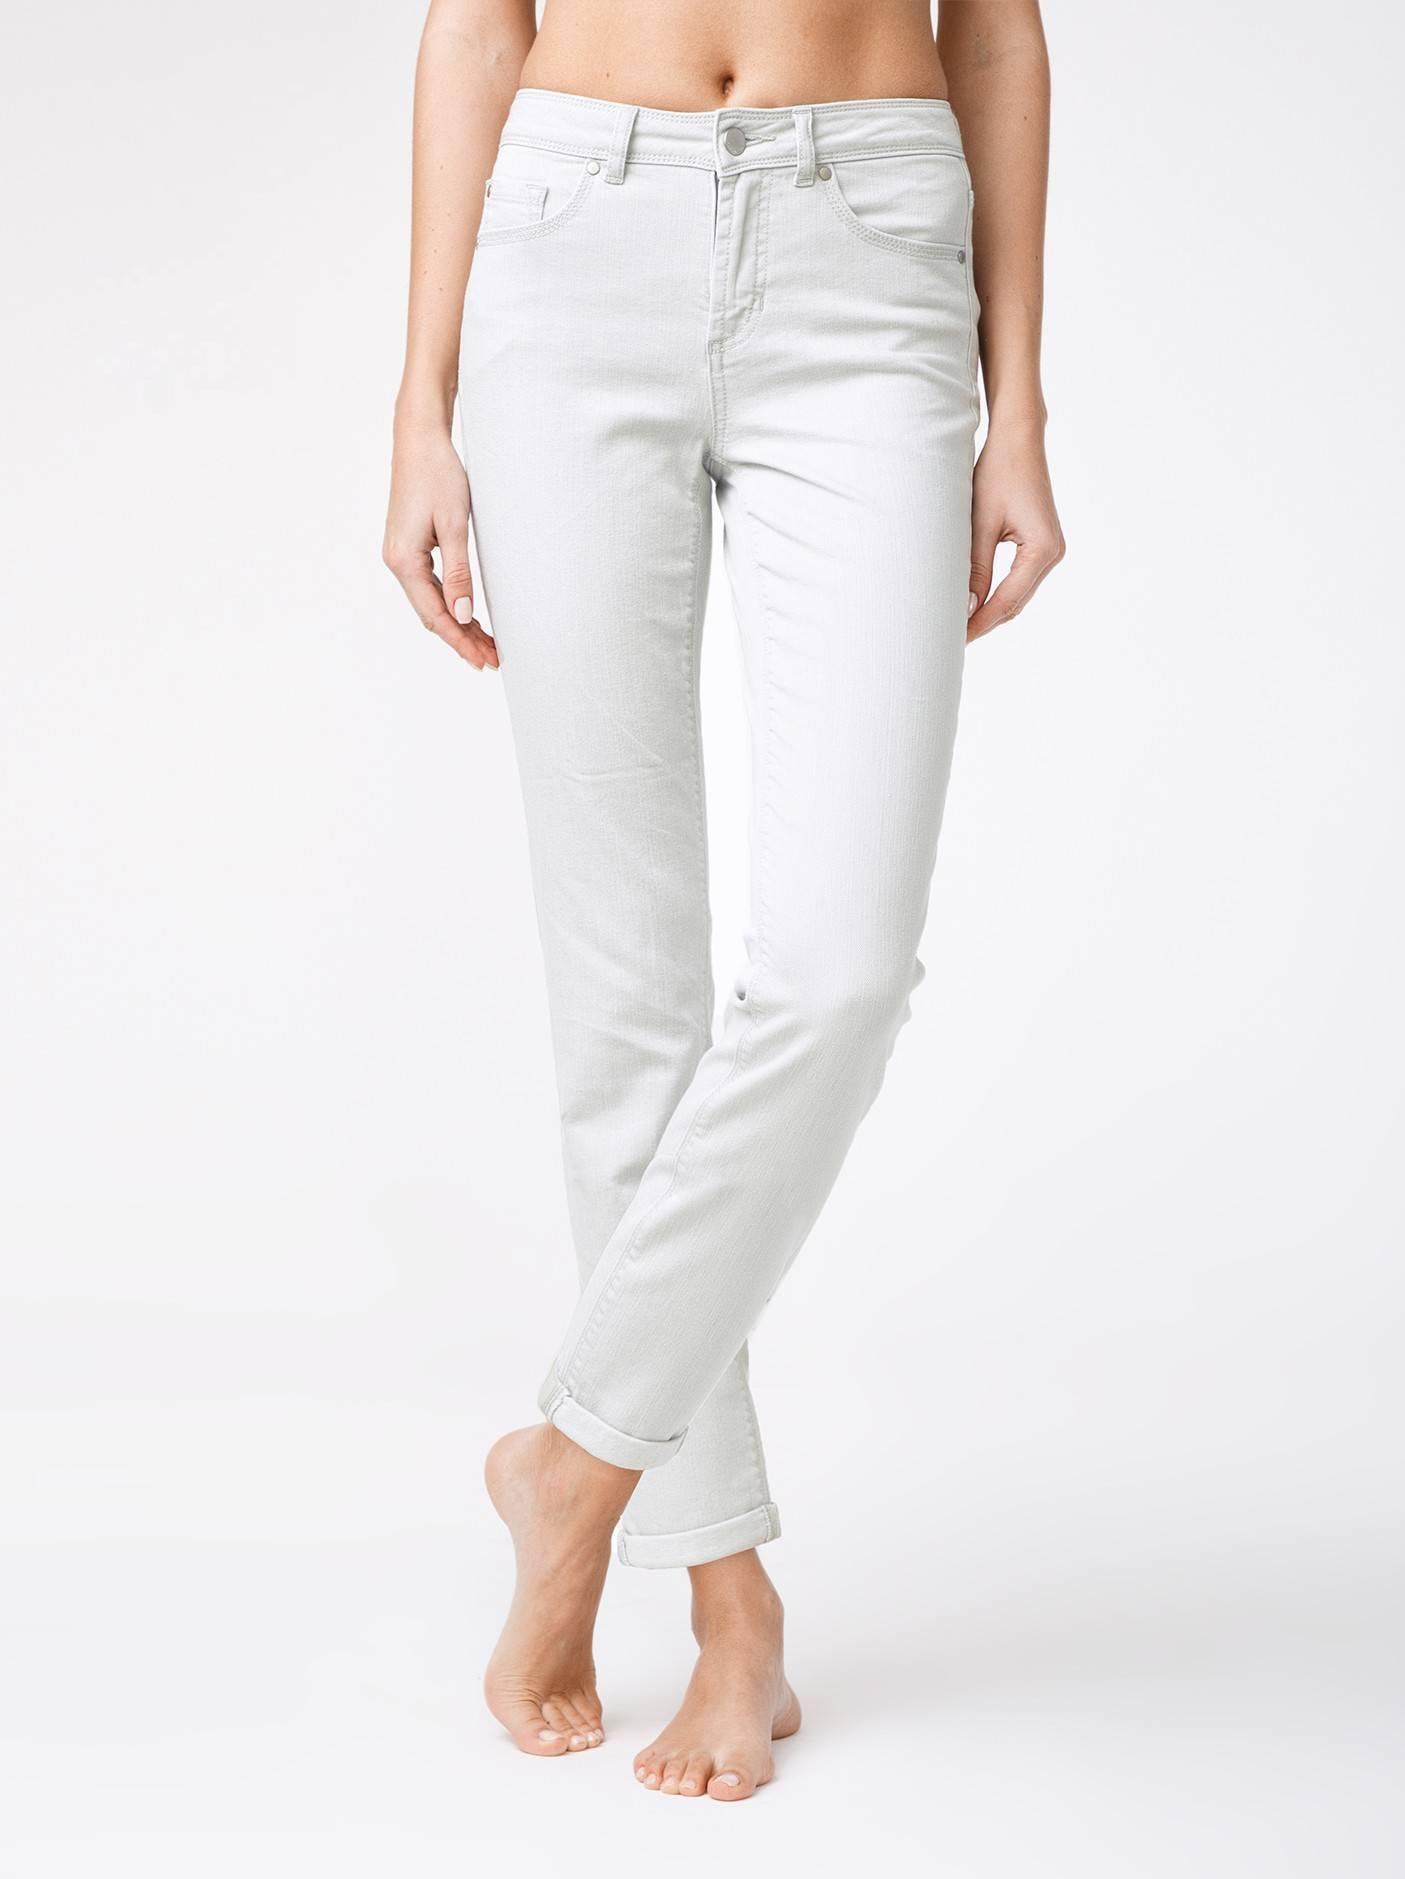 Брюки джинсовые ⭐️ Укороченные eco-friendly джинсы с манжетами CON-129 ⭐️